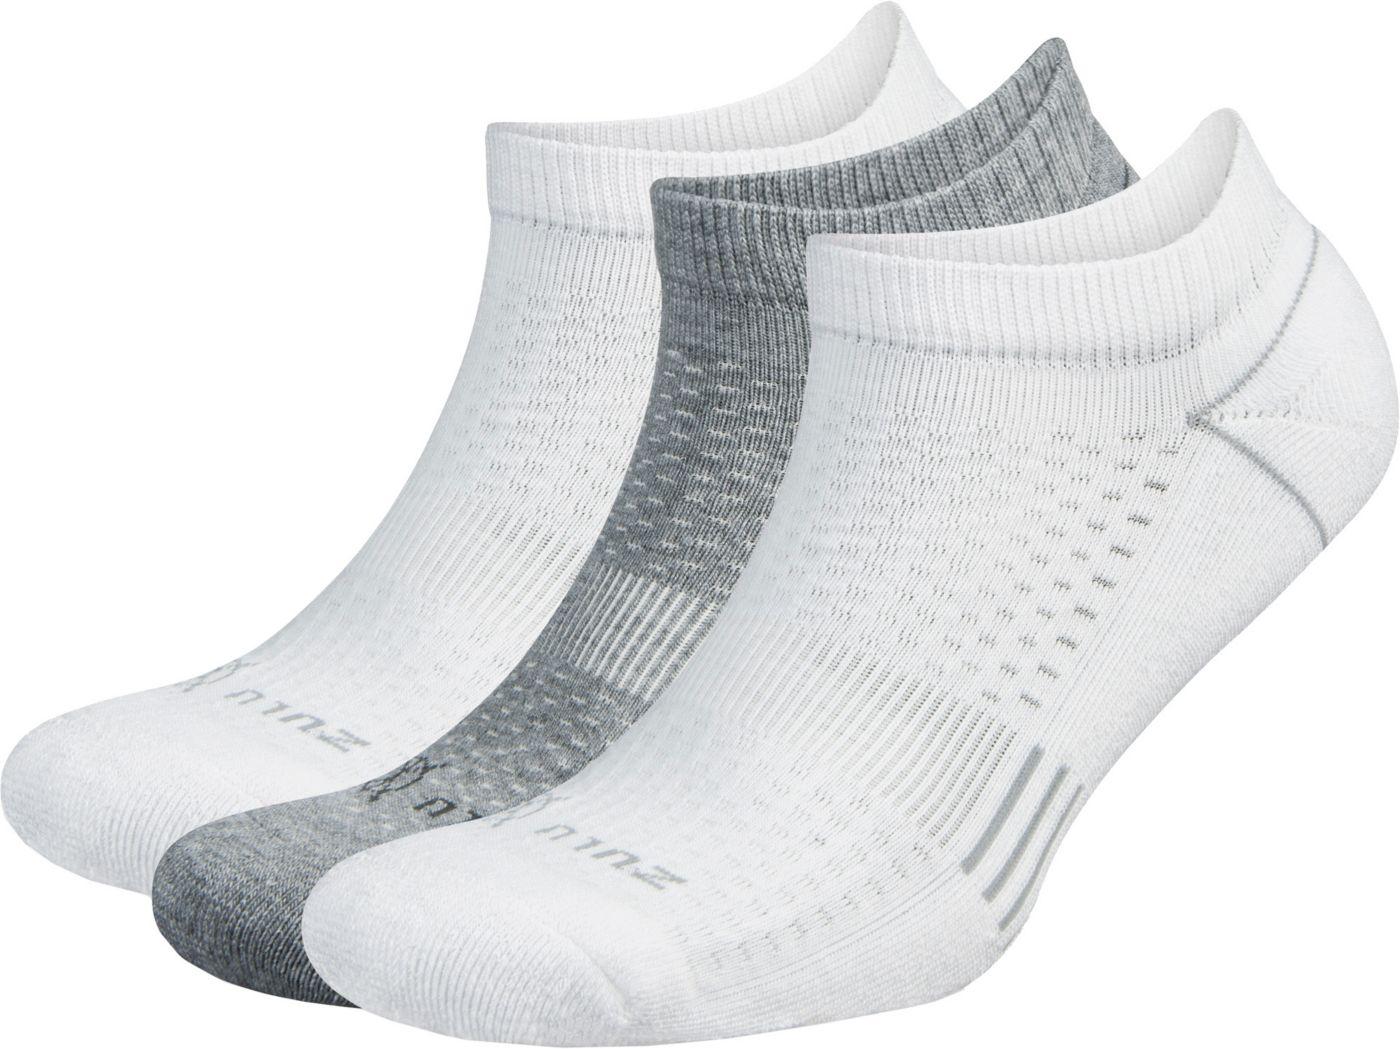 Balega Zulu No Show Socks - 3 Pack